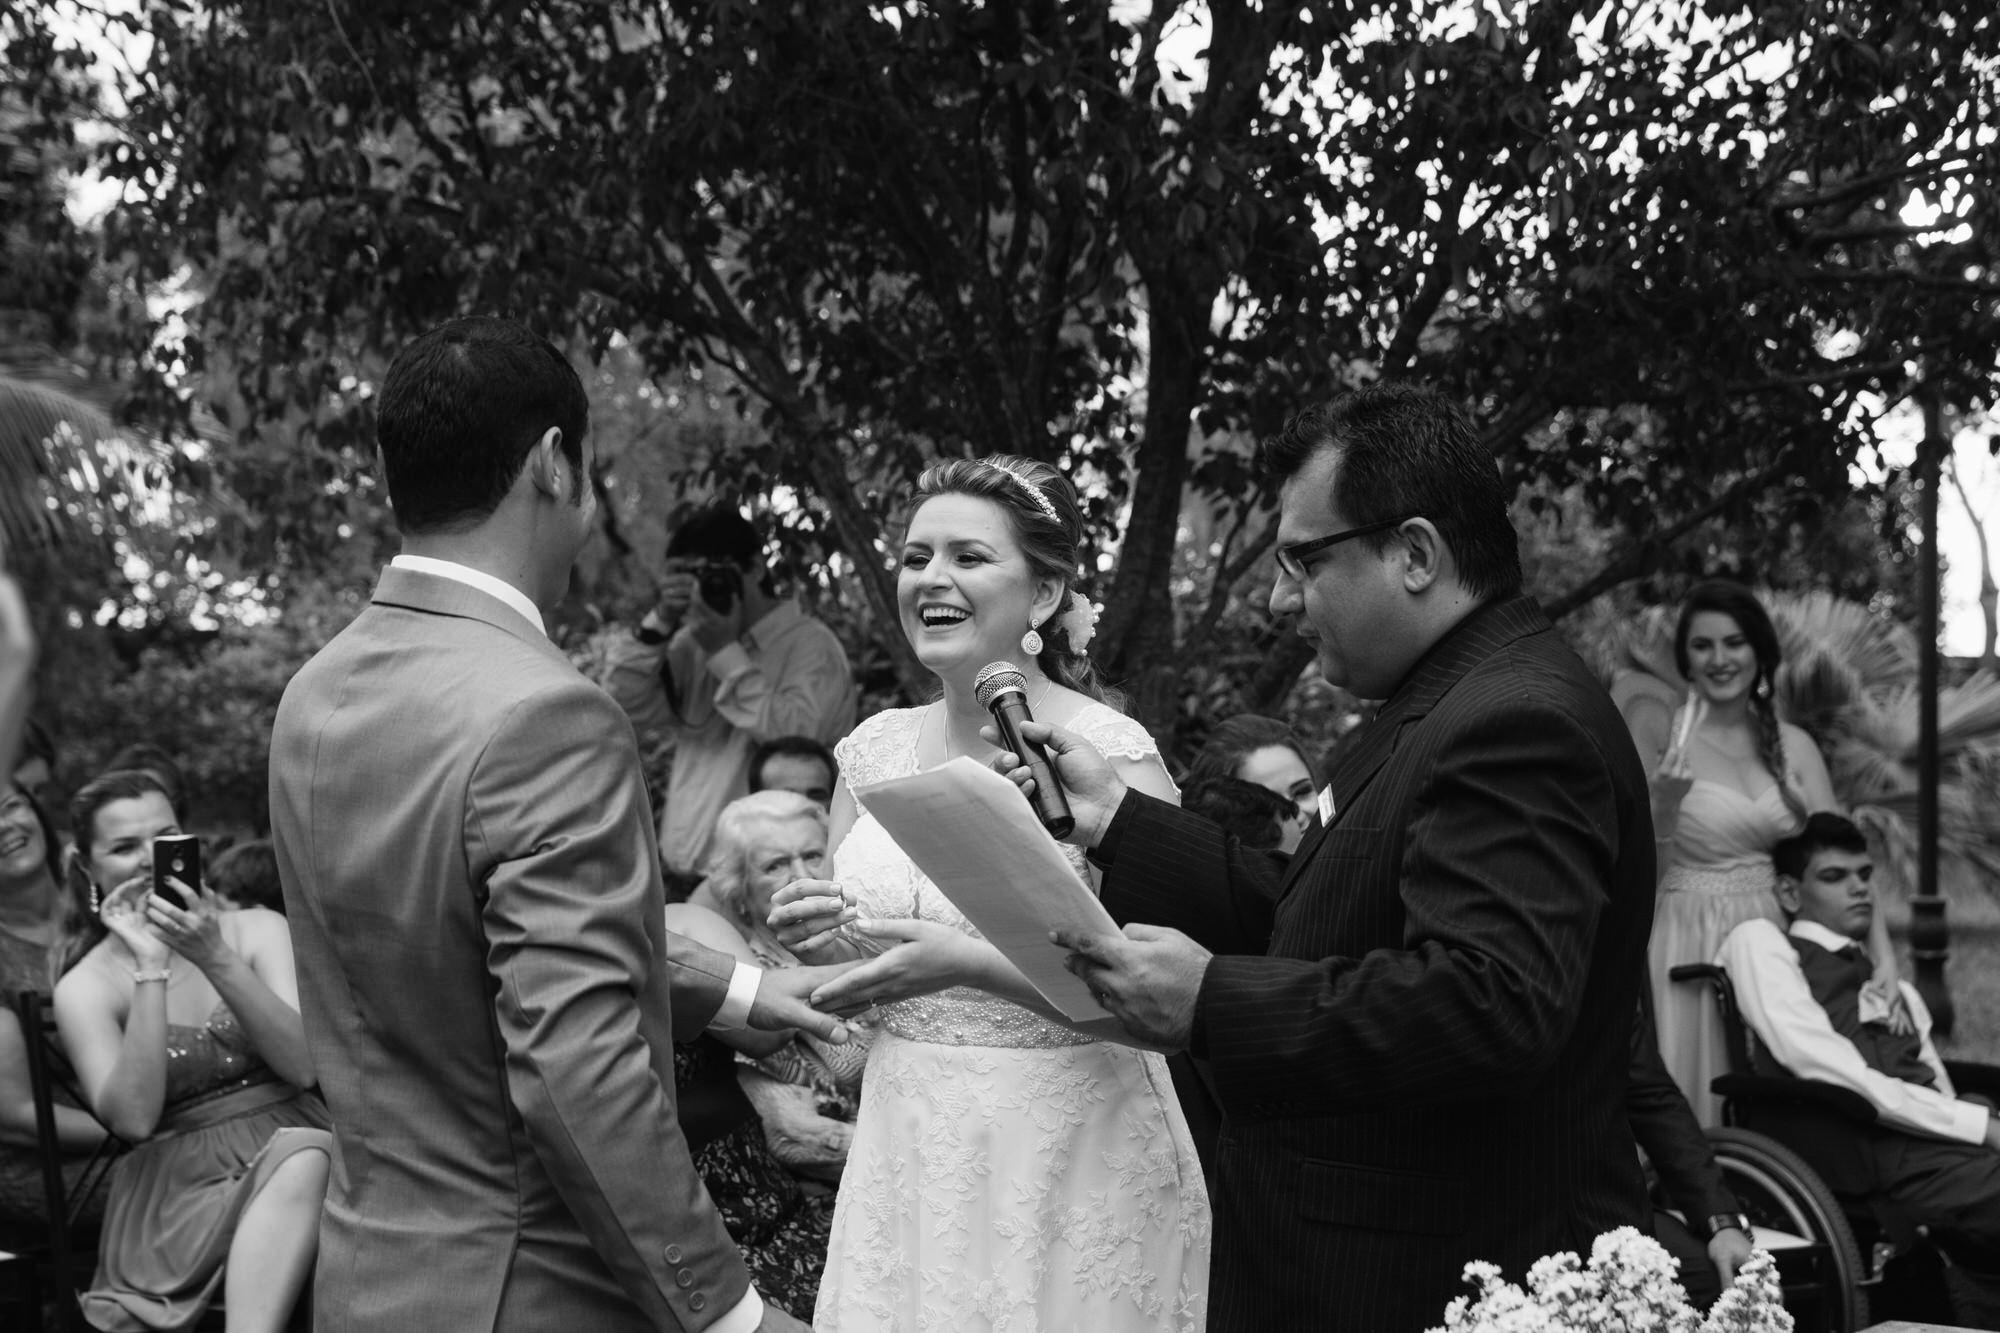 Fabio e Gisele - Casamento em Mundo Novo - MS por Lorran Souza e Léia Sotile - fotografo de casamentos - 00018